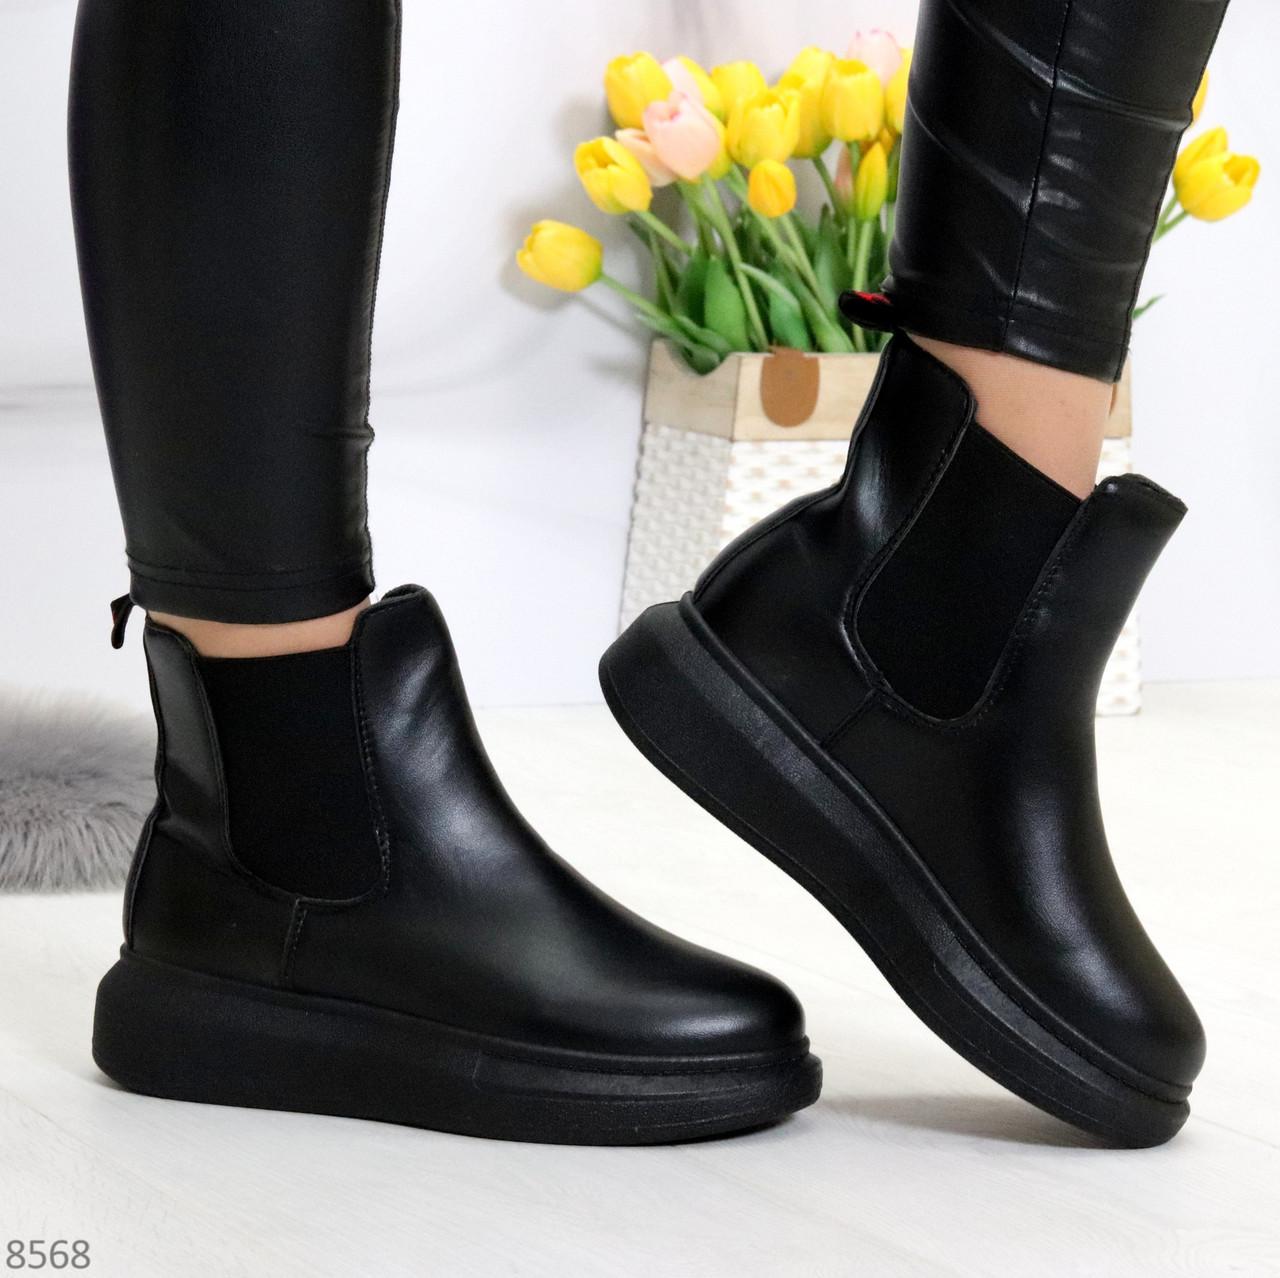 Ультра модные удобные черные женские ботинки челси по доступной цене